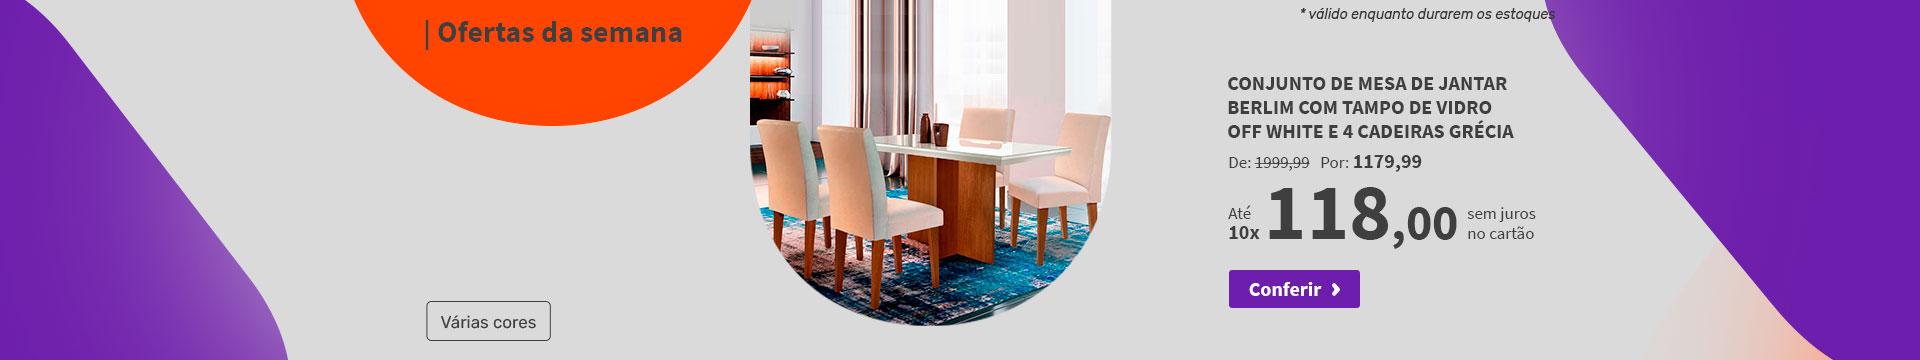 Conjunto de Mesa de Jantar Berlim com Tampo de Vidro Off White e 4 Cadeiras Grécia - Ofertas da semana